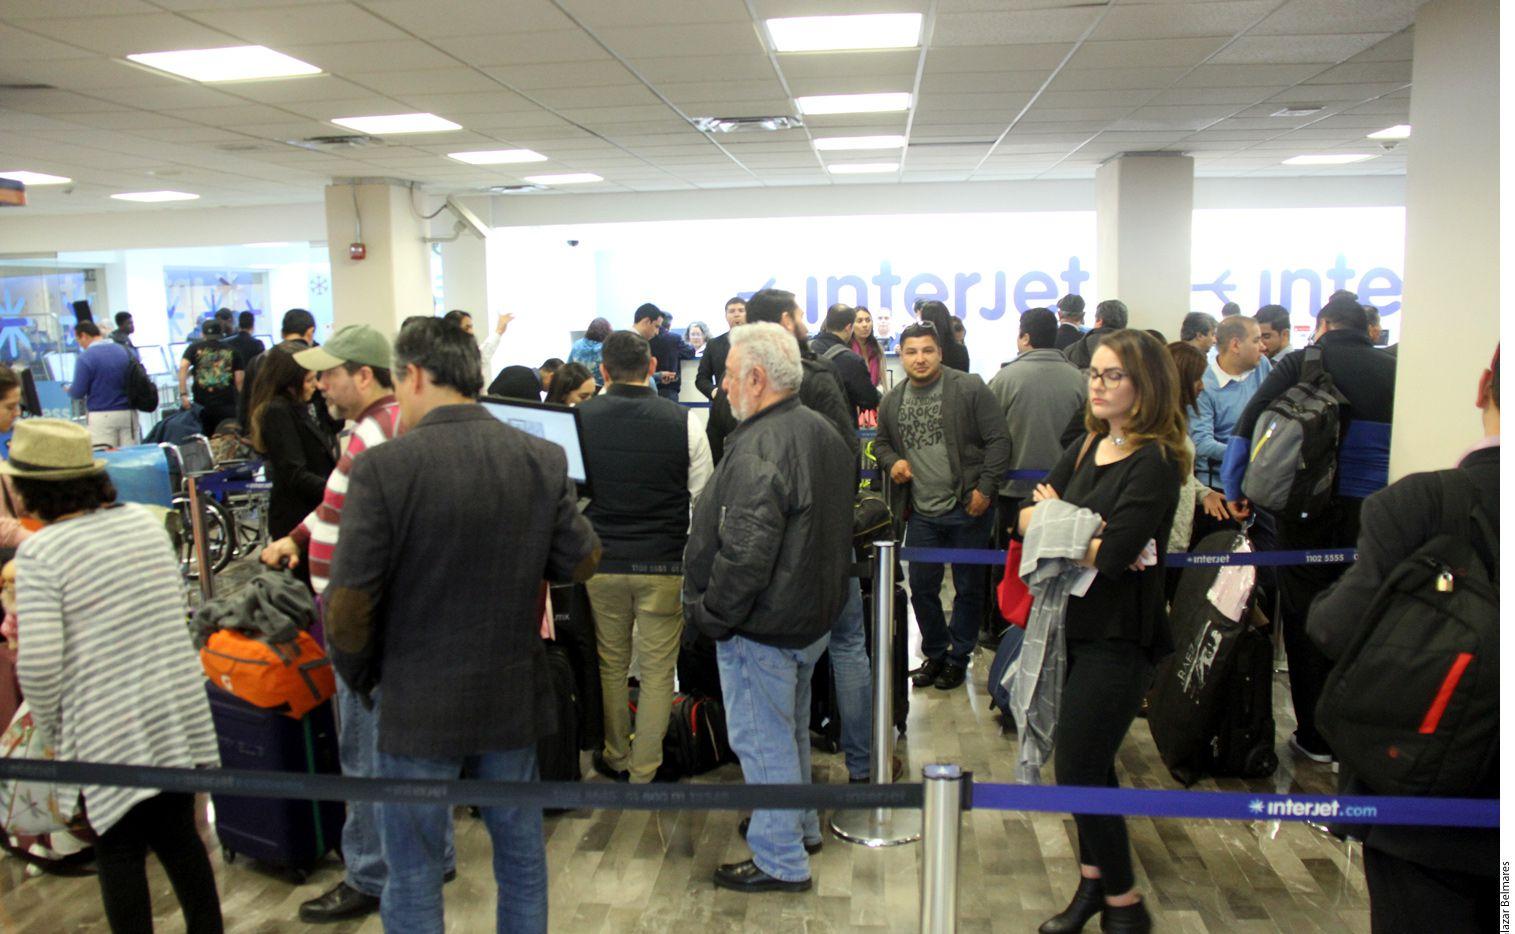 Los familiares de la Selección Mexicana iban a viajar hoy a Rusia por charter desde el aeropuerto de Toluca, pero el avión no llegó./ AGENCIA REFORMA